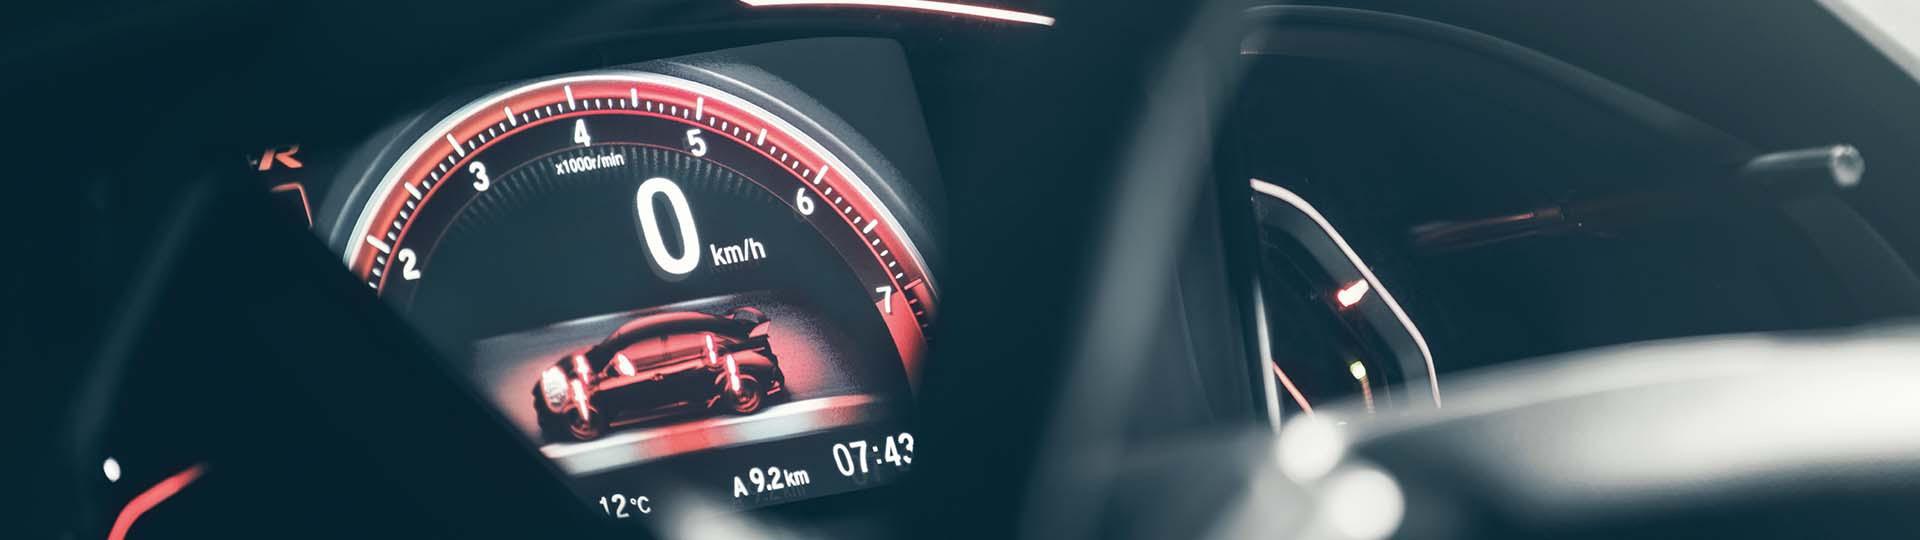 Honda Civic Type R GT Teknik Özellikler | Honda Türkiye